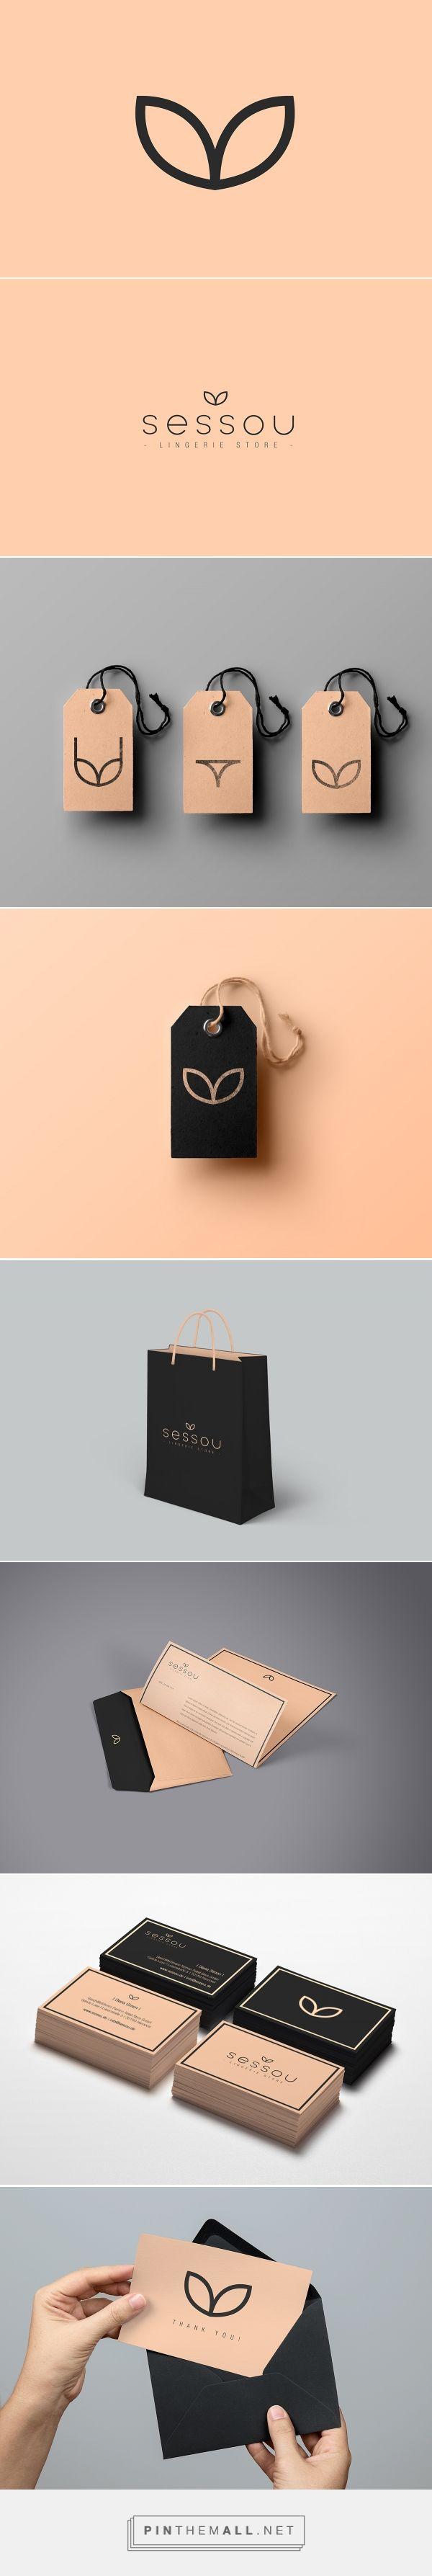 Simplesmente bonito e bem feito. Gosto da brincadeira do logo com calcinha e sutiã. :) divertido Sessou Lingerie Branding by Andrea Cutura | Fivestar Branding – Design and Branding Agency & Inspiration Gallery